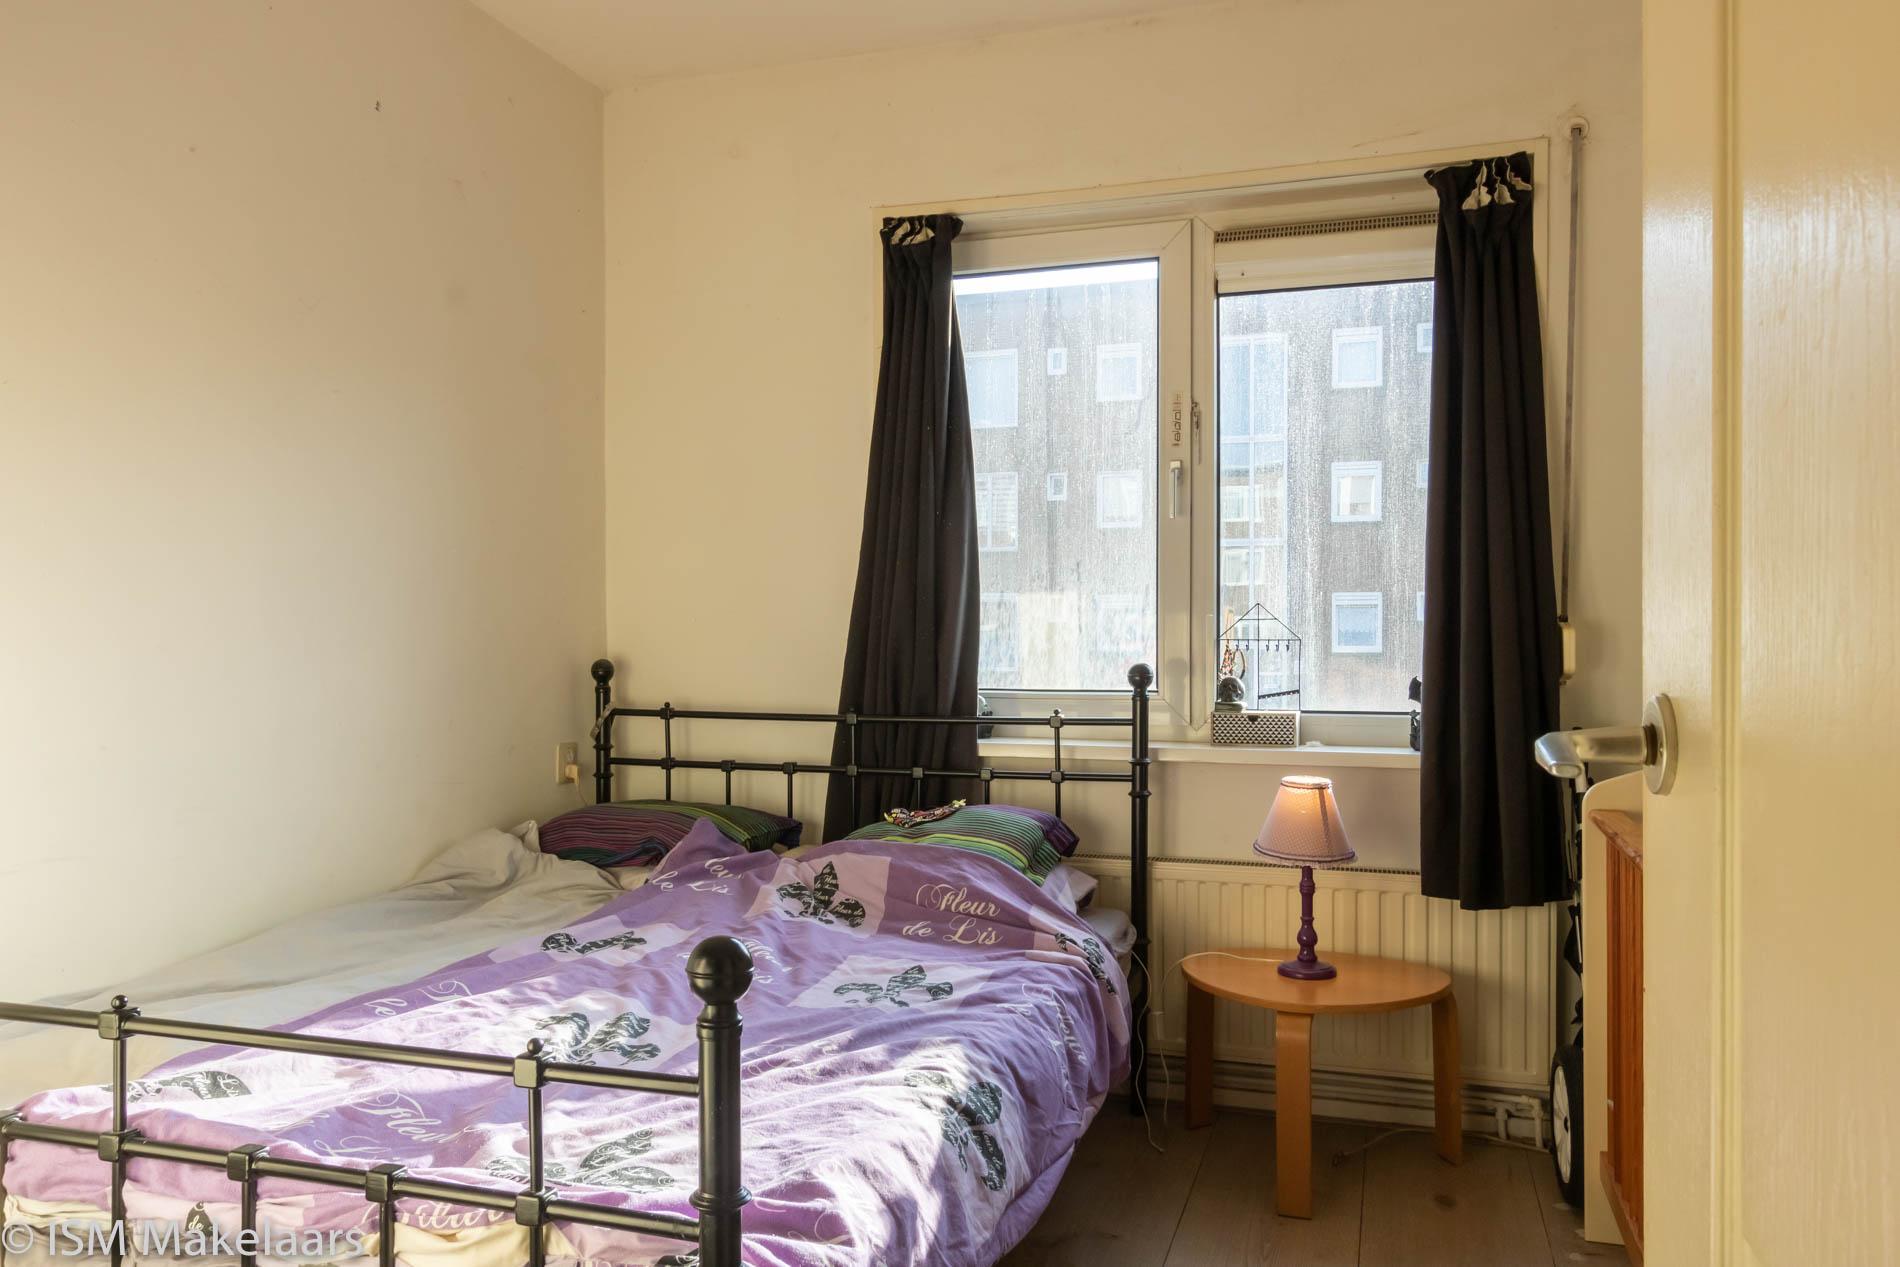 slaapkamer Paul Krugerstraat 389 vlissingen ism makelaars